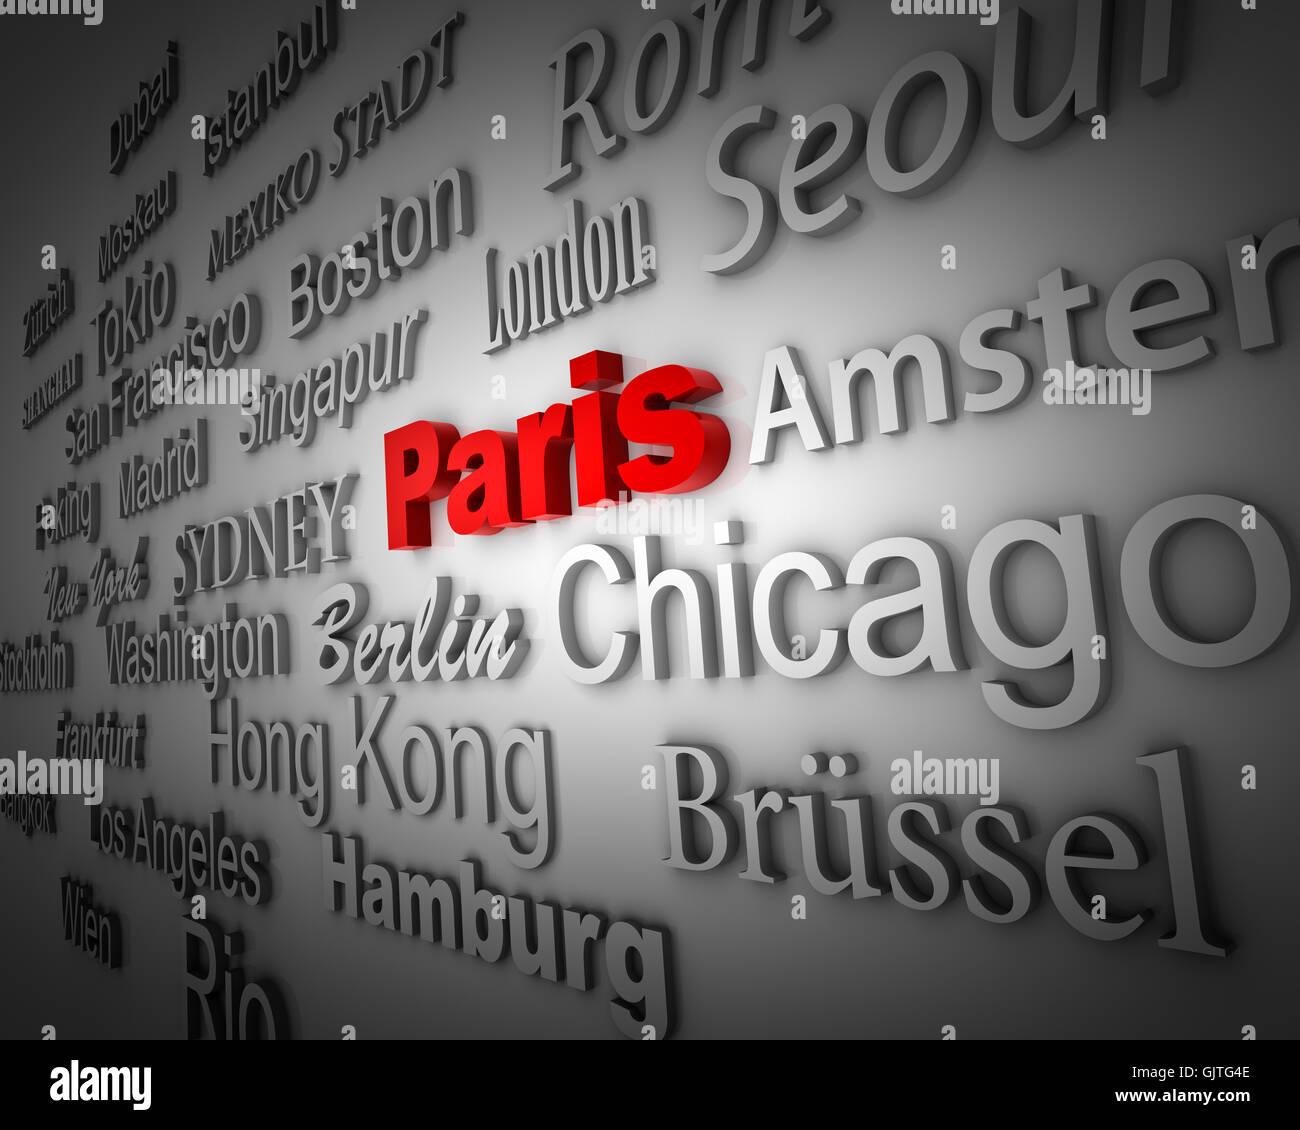 paris writing font - Stock Image